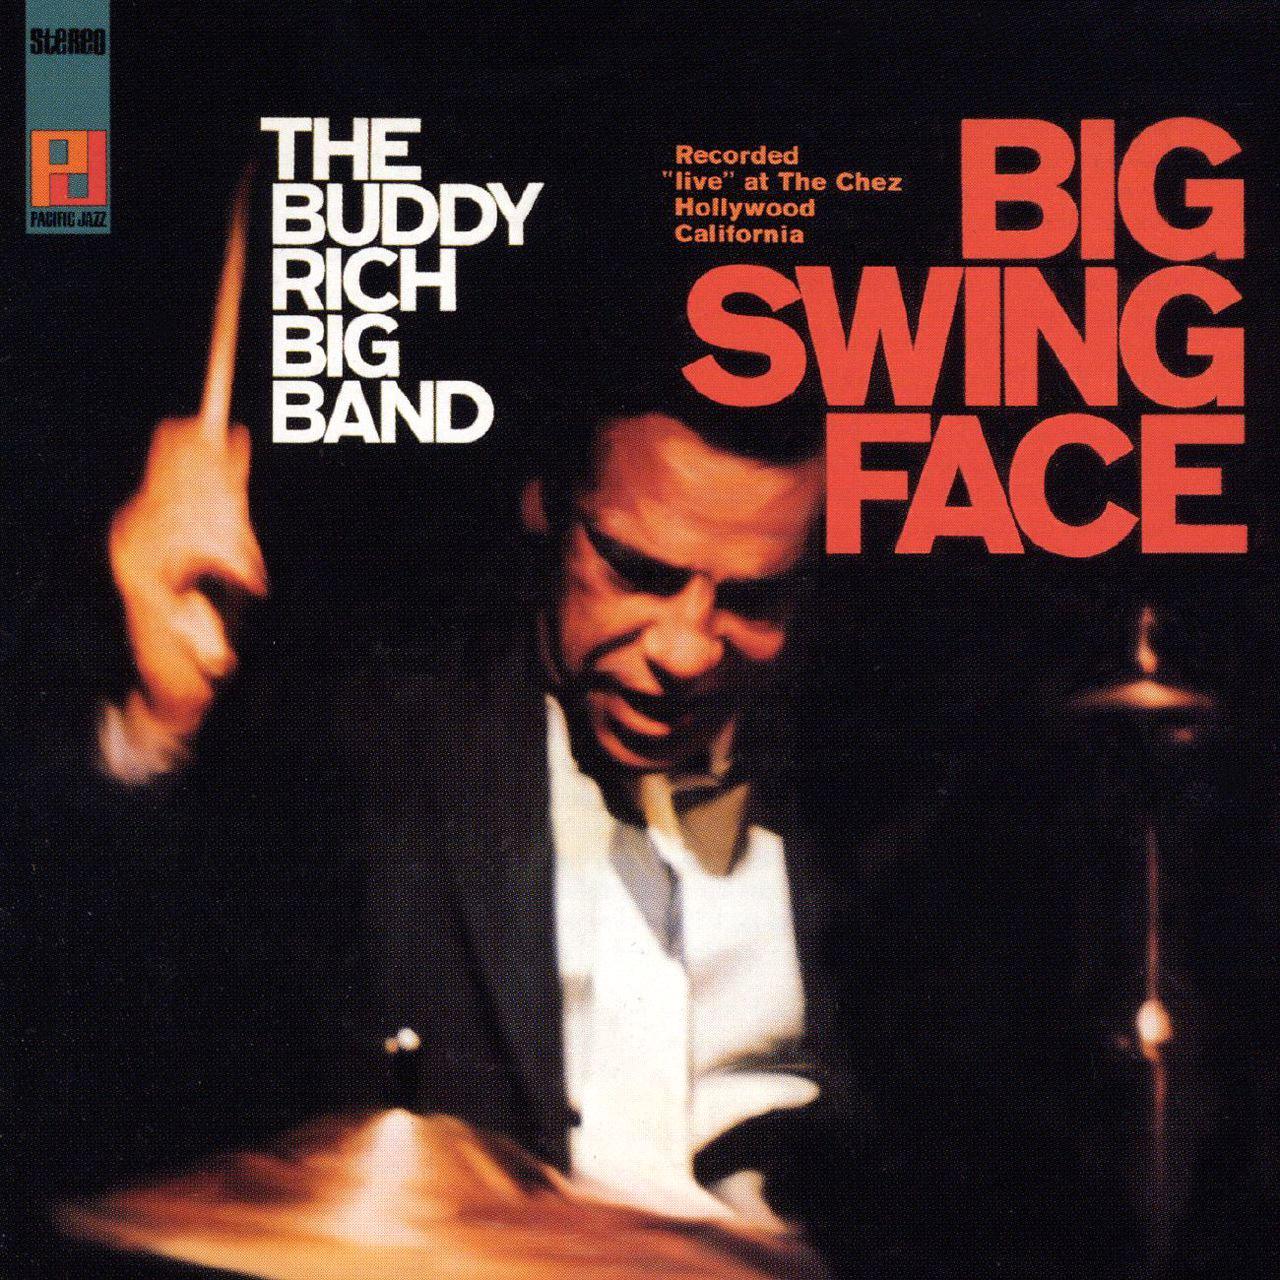 big_swing_face_album_cover